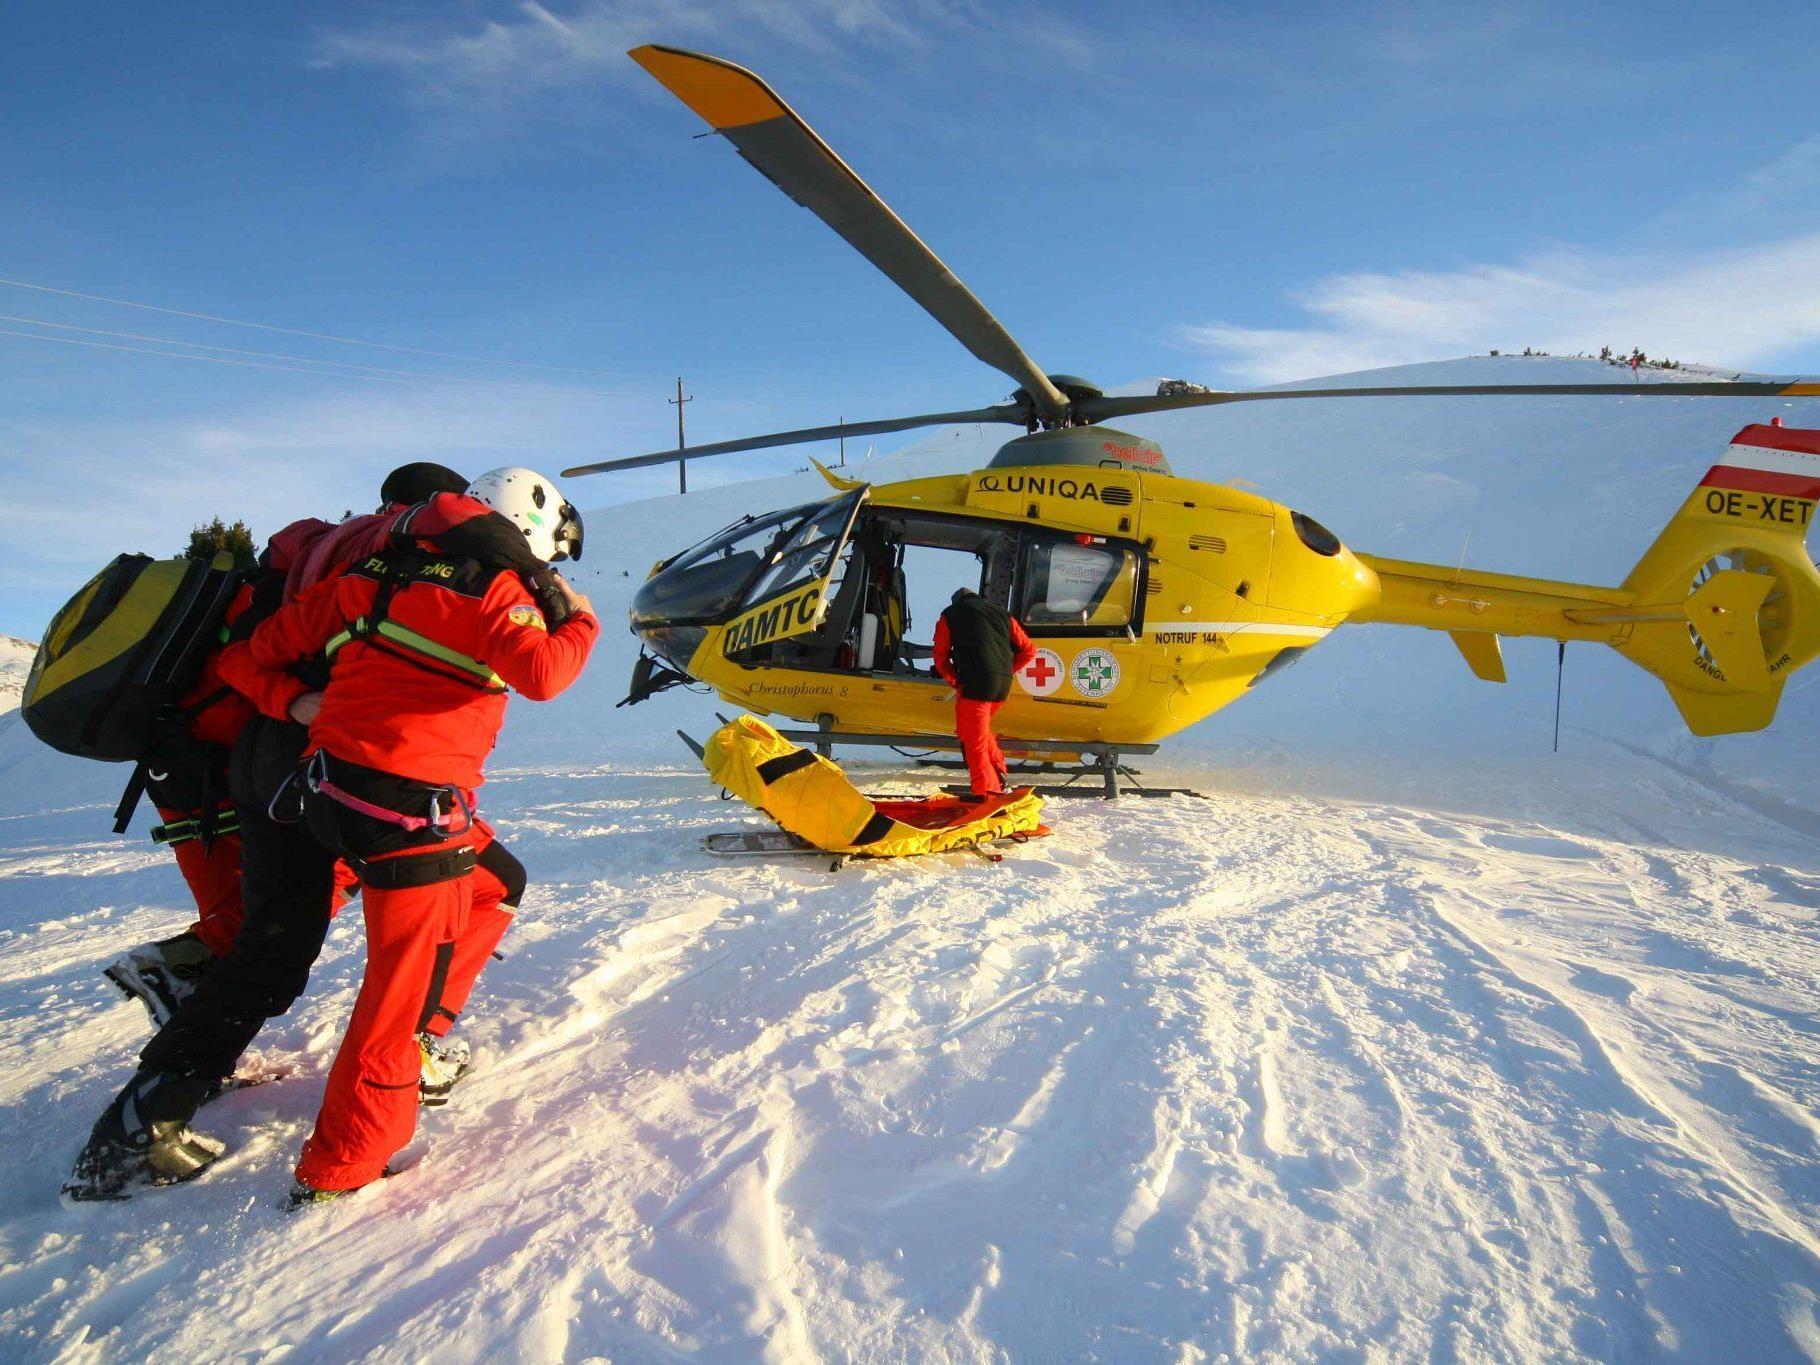 54-Jähriger wurde ins Krankenhaus geflogen